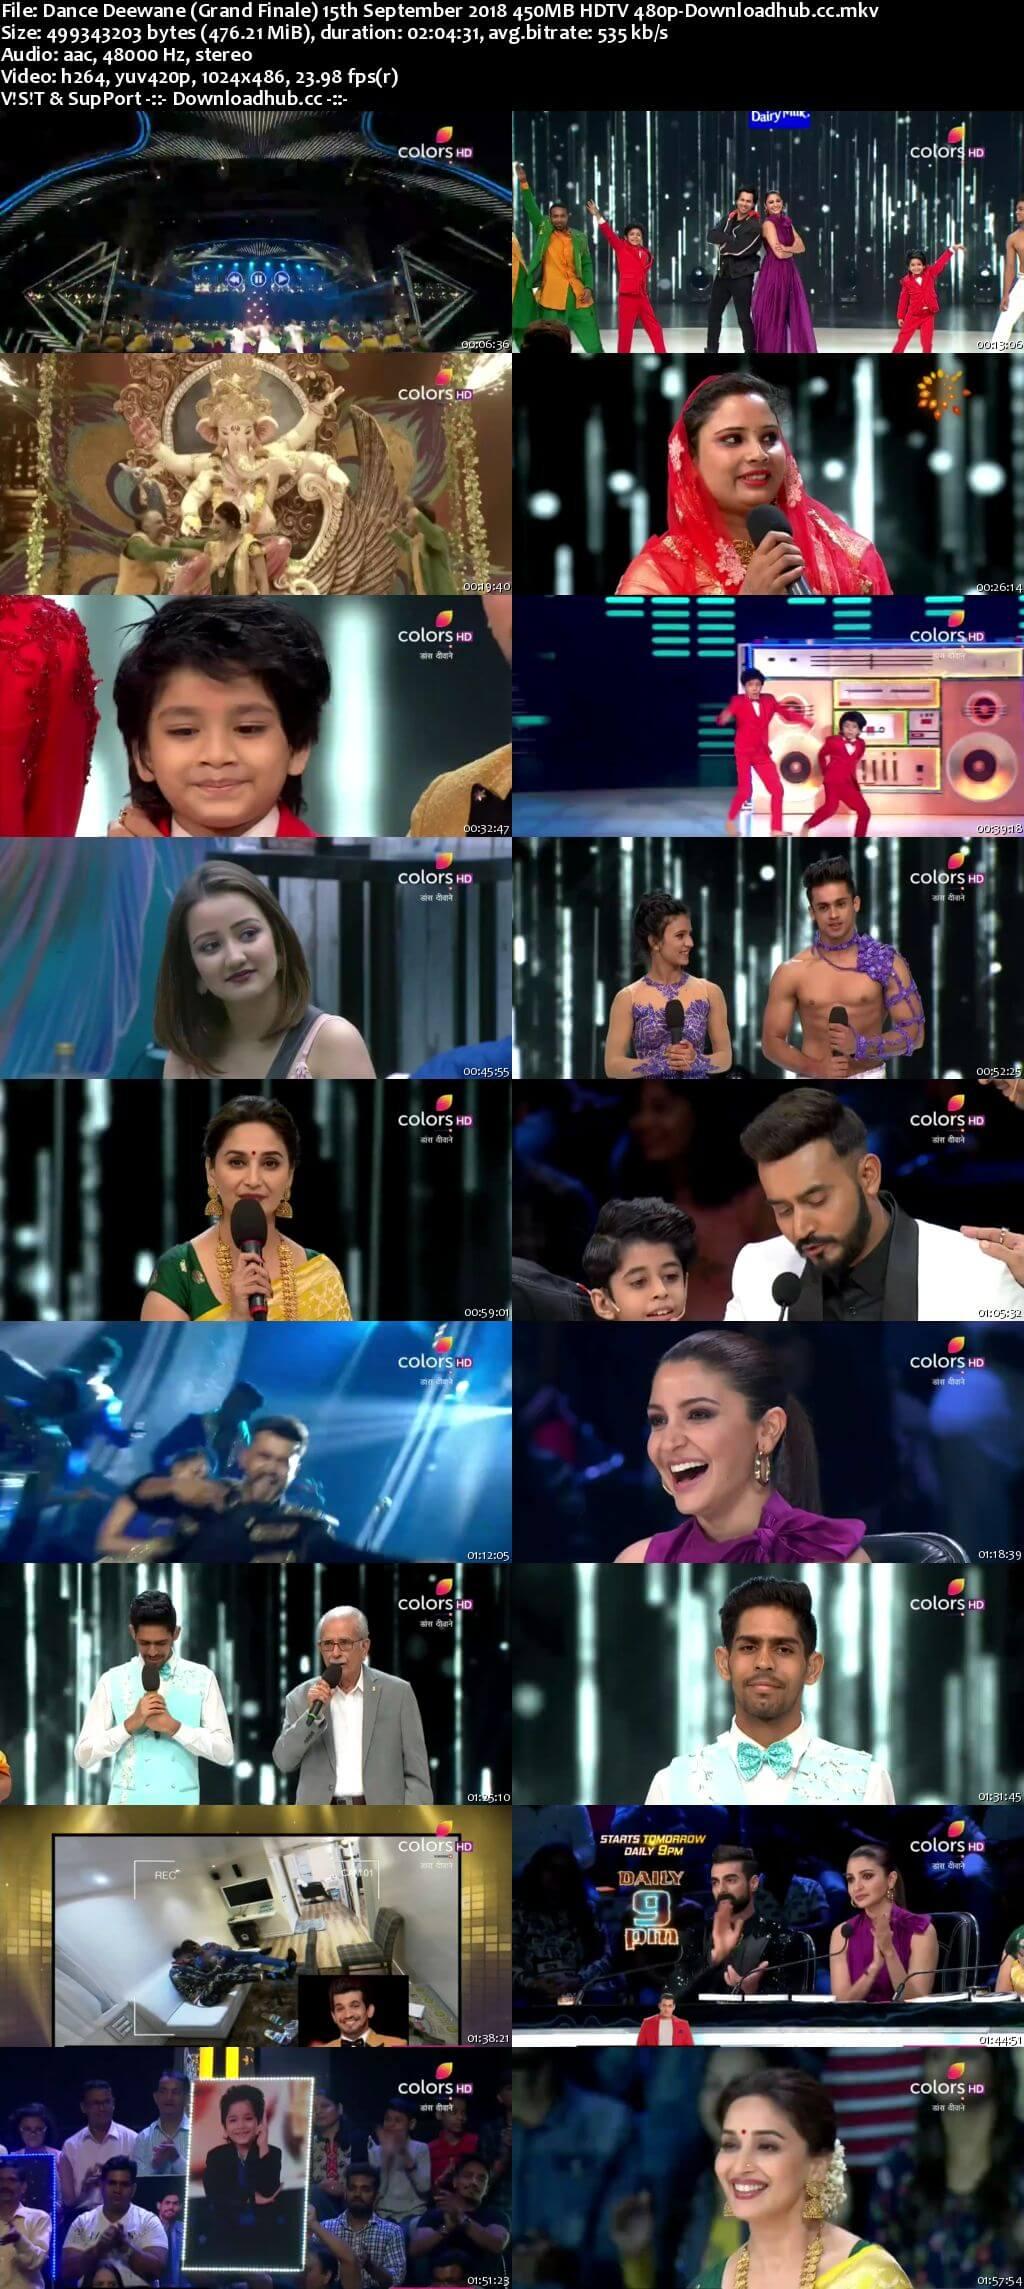 Dance Deewane (Grand Finale) 15th September 2018 450MB HDTV 480p